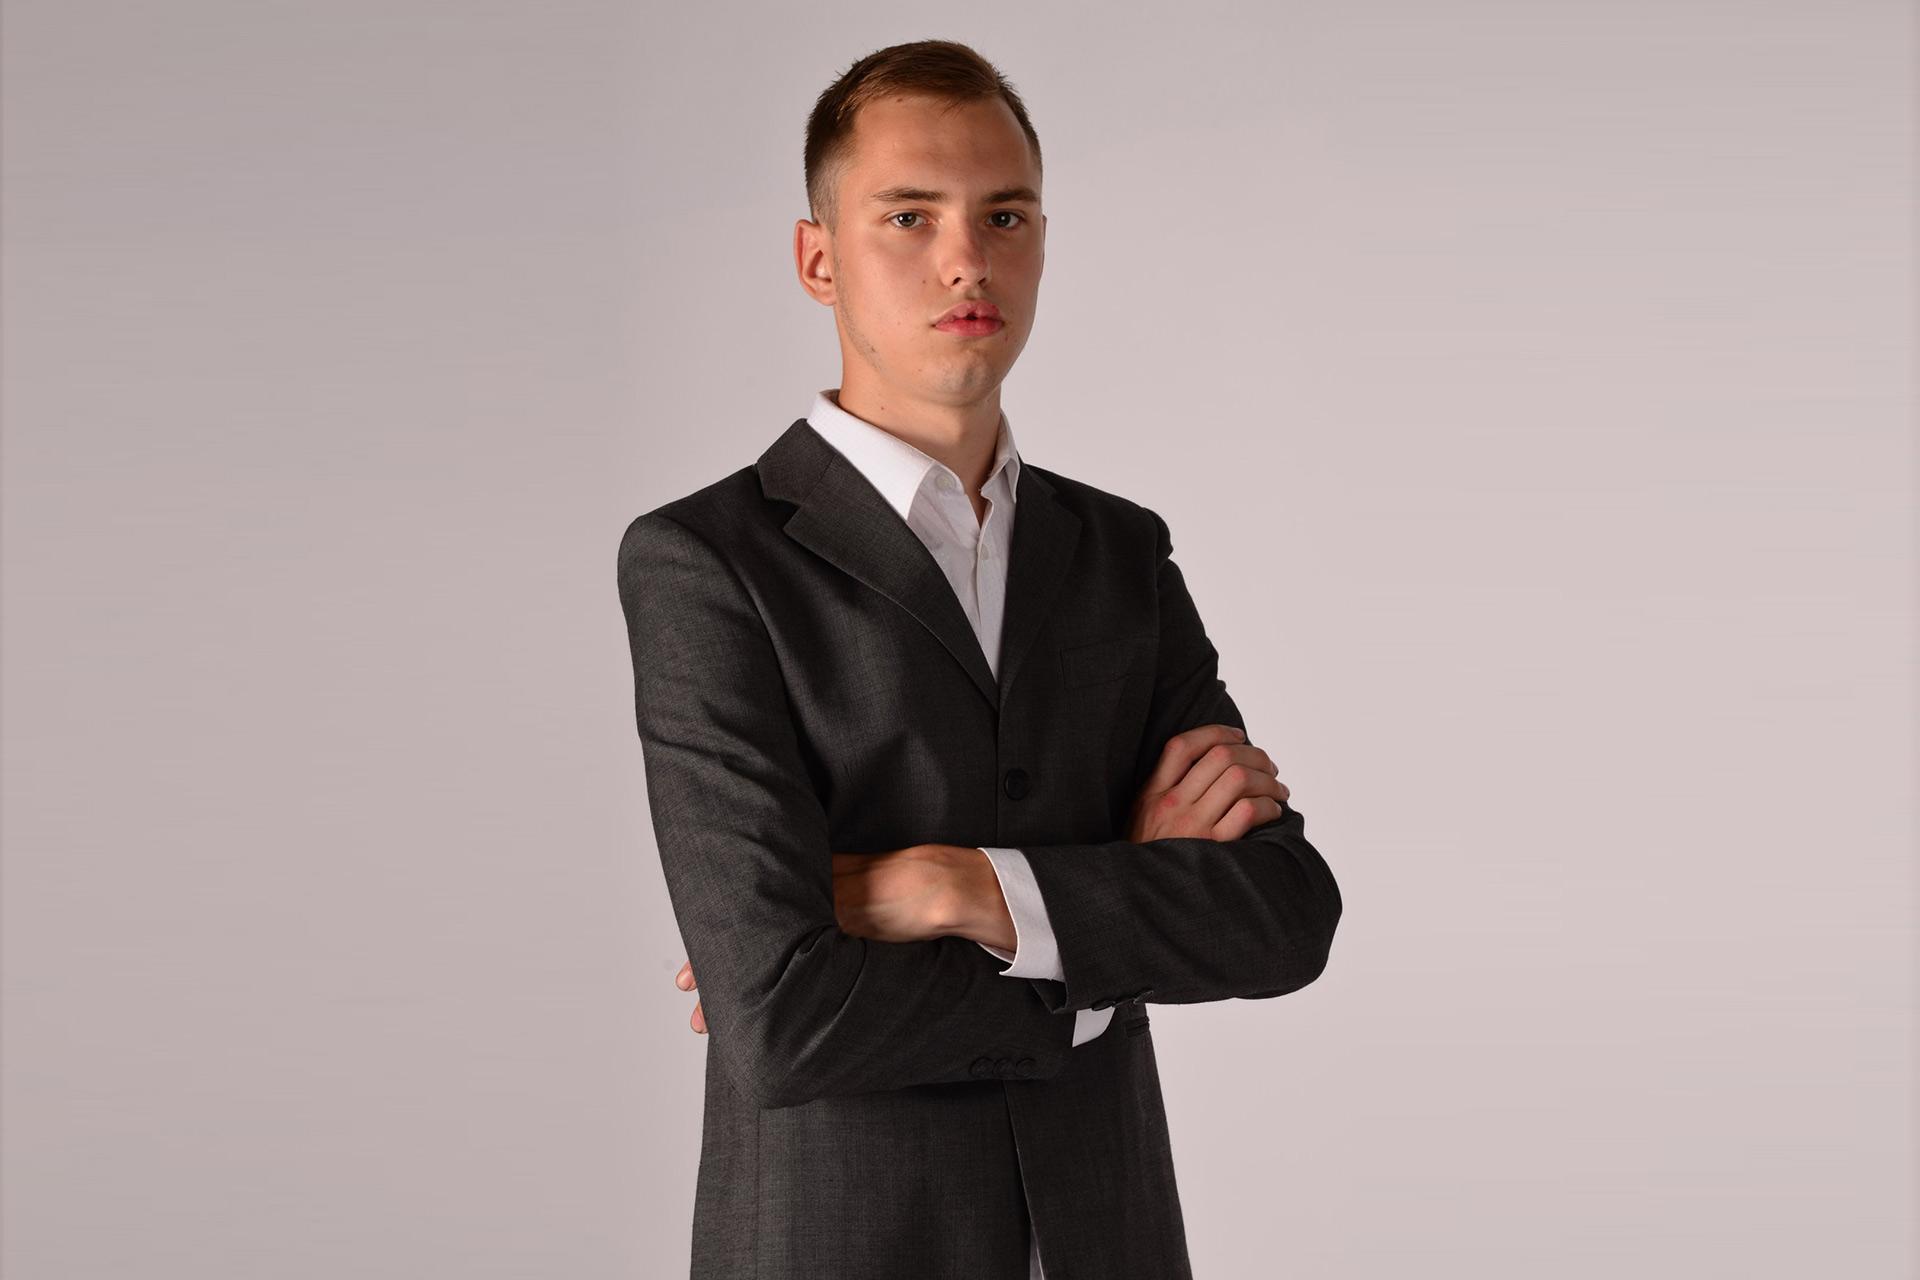 Юрий Фатеев, владелец нескольких интернет-магазинов в Европе